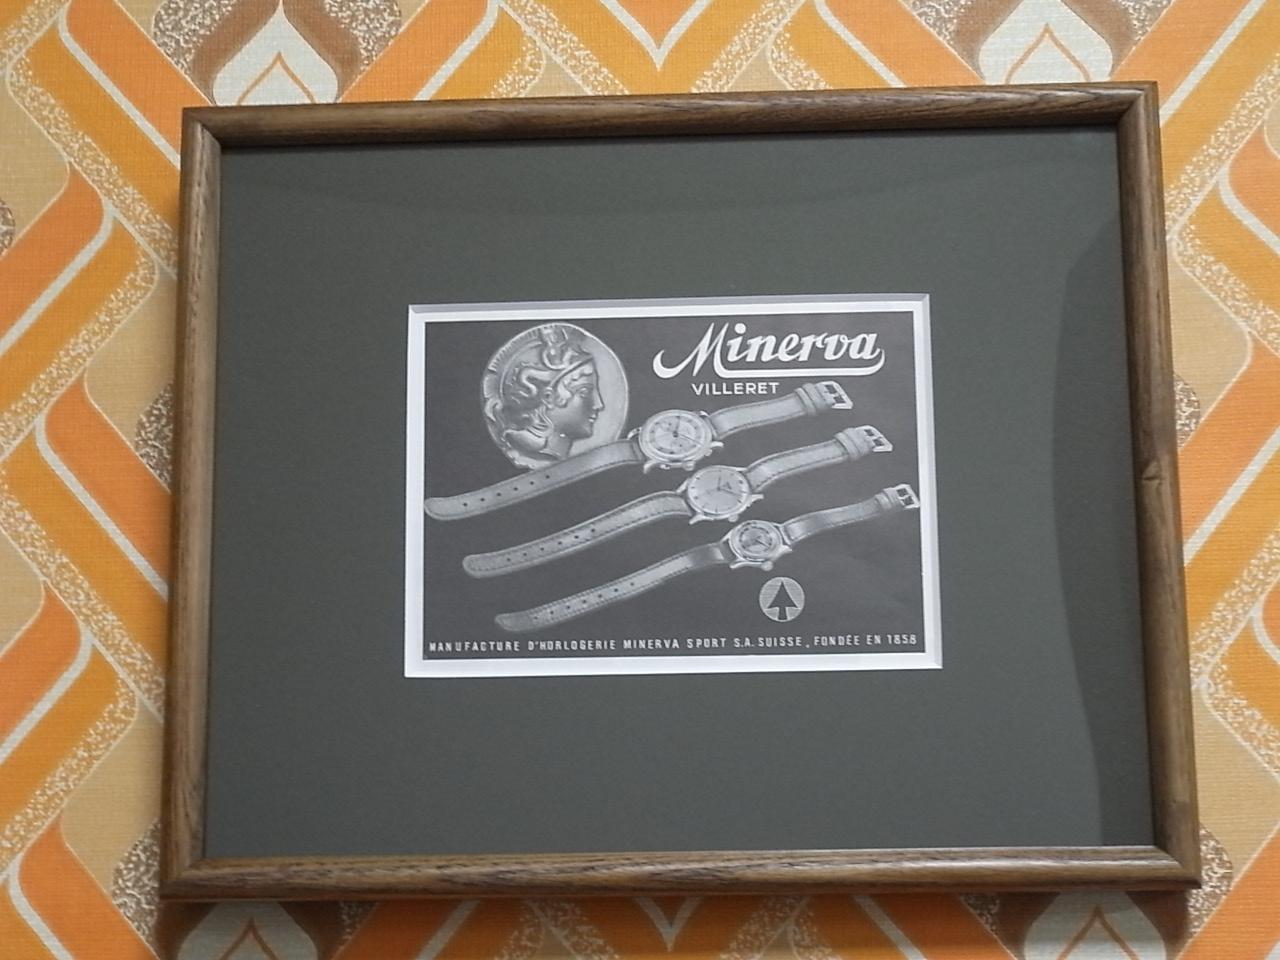 ミネルバ アドバタイジングA 木製フレーム(小) 1940年代のメイン写真